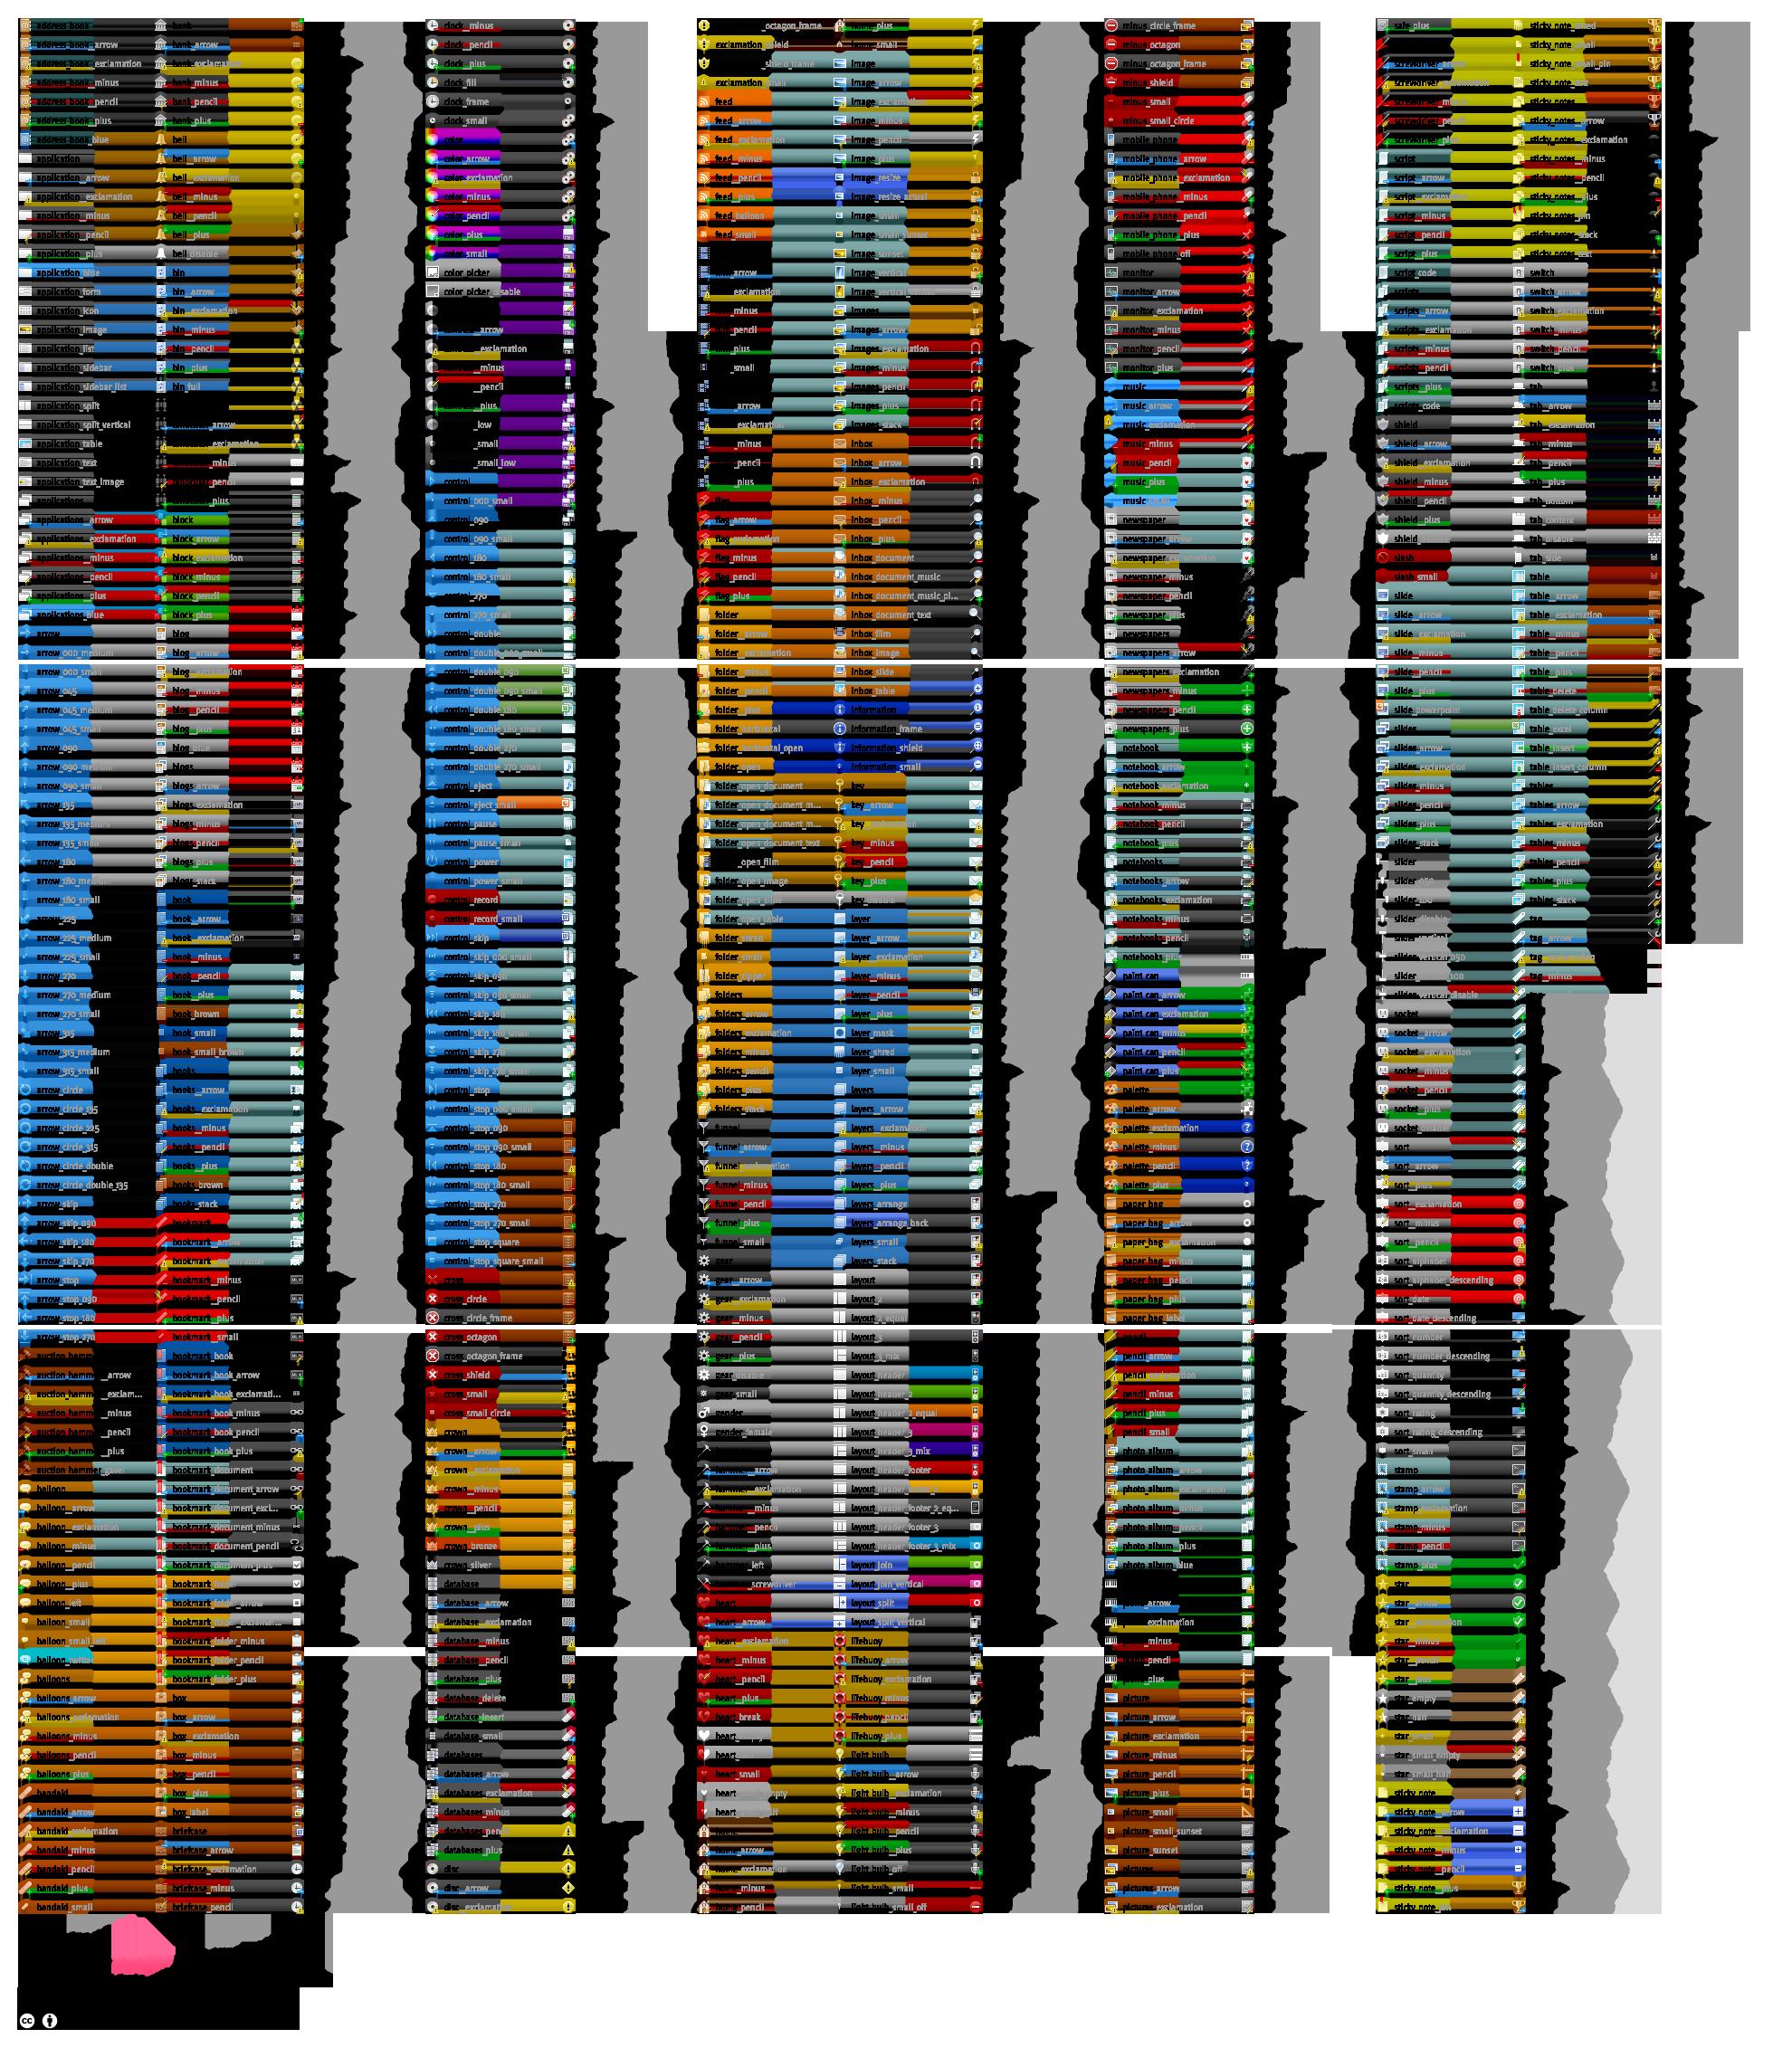 иконки 16 16: